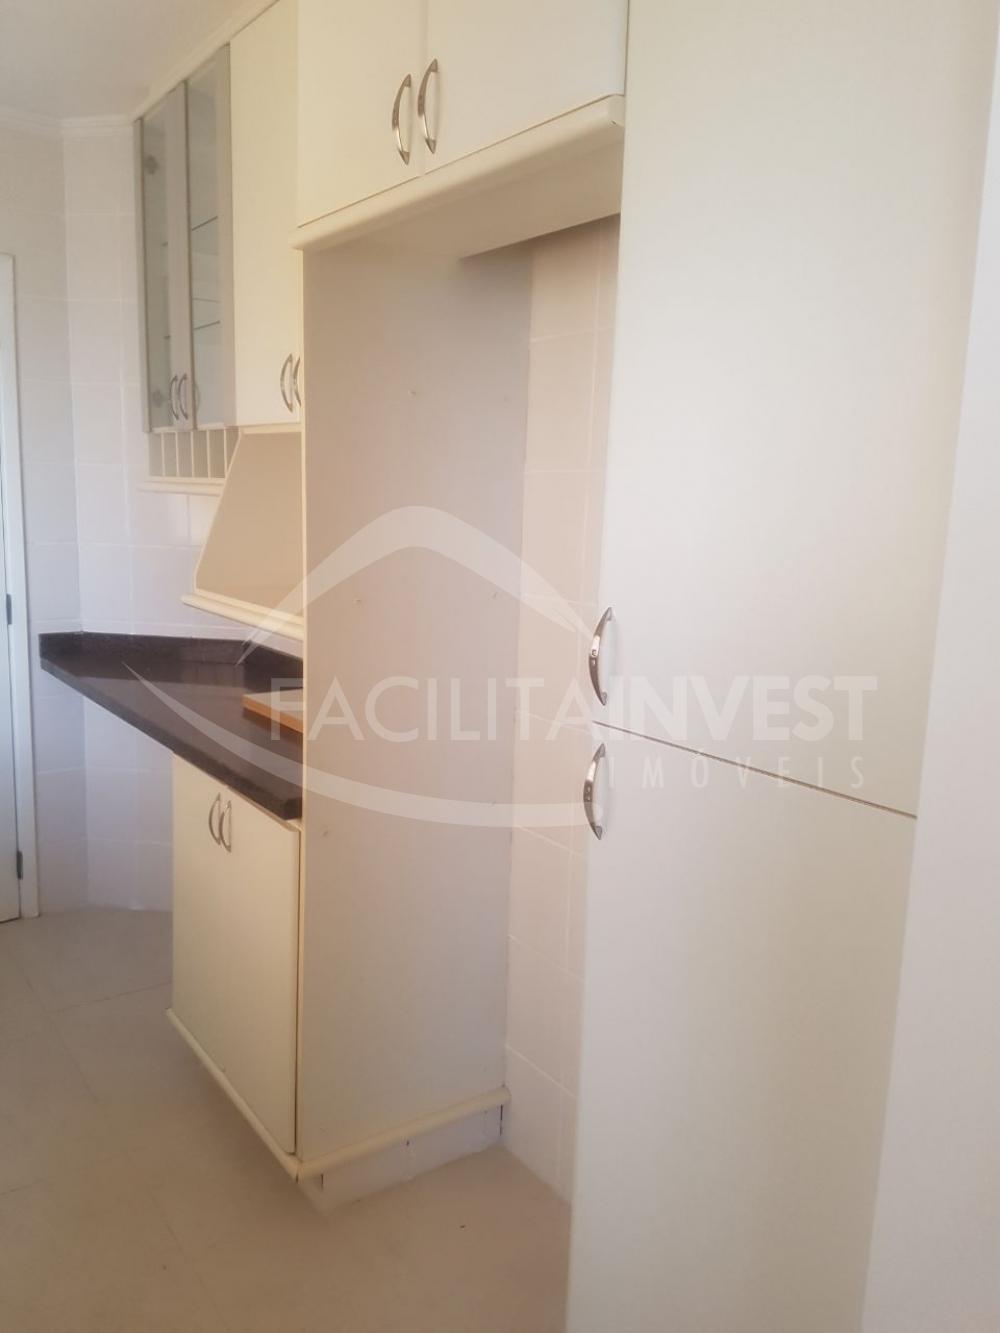 Comprar Apartamentos / Apart. Padrão em Ribeirão Preto apenas R$ 400.000,00 - Foto 5